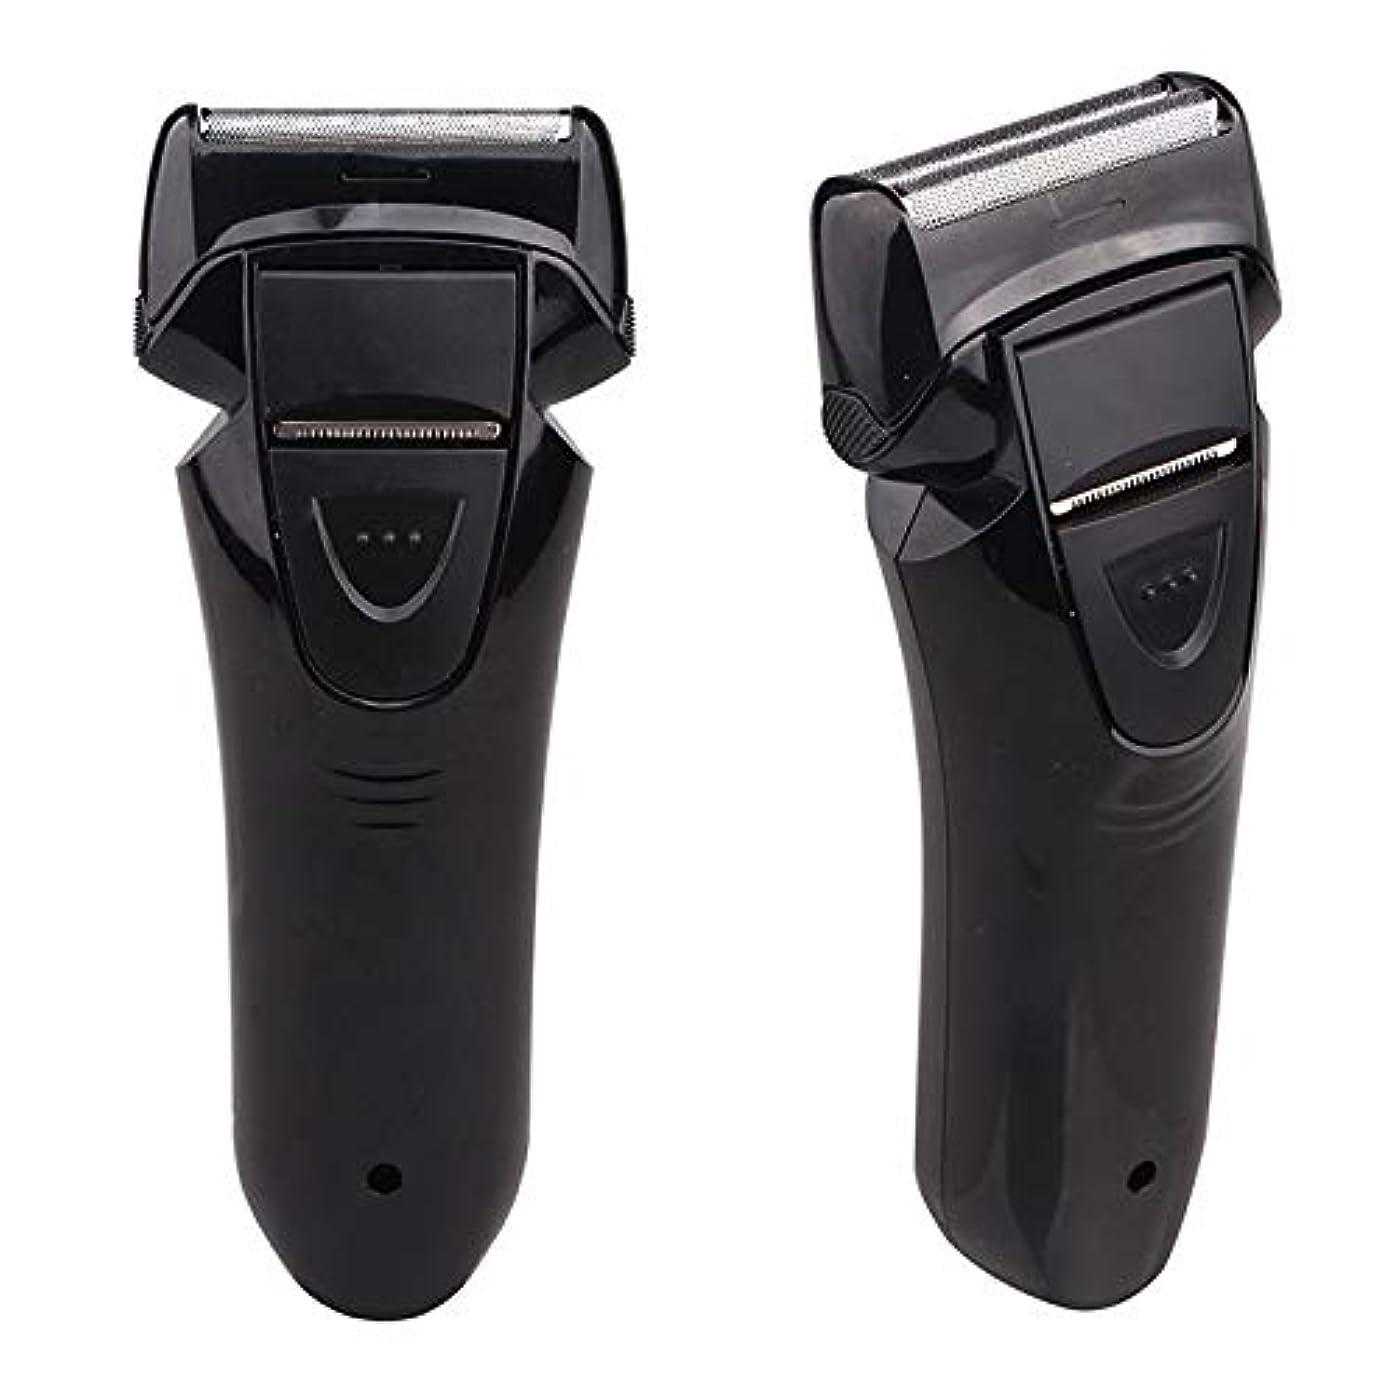 クレア熟考する付添人メンズシェーバー Vegetable(ベジタブル) アダプター&USB充電式2枚刃シェーバー GD-S206